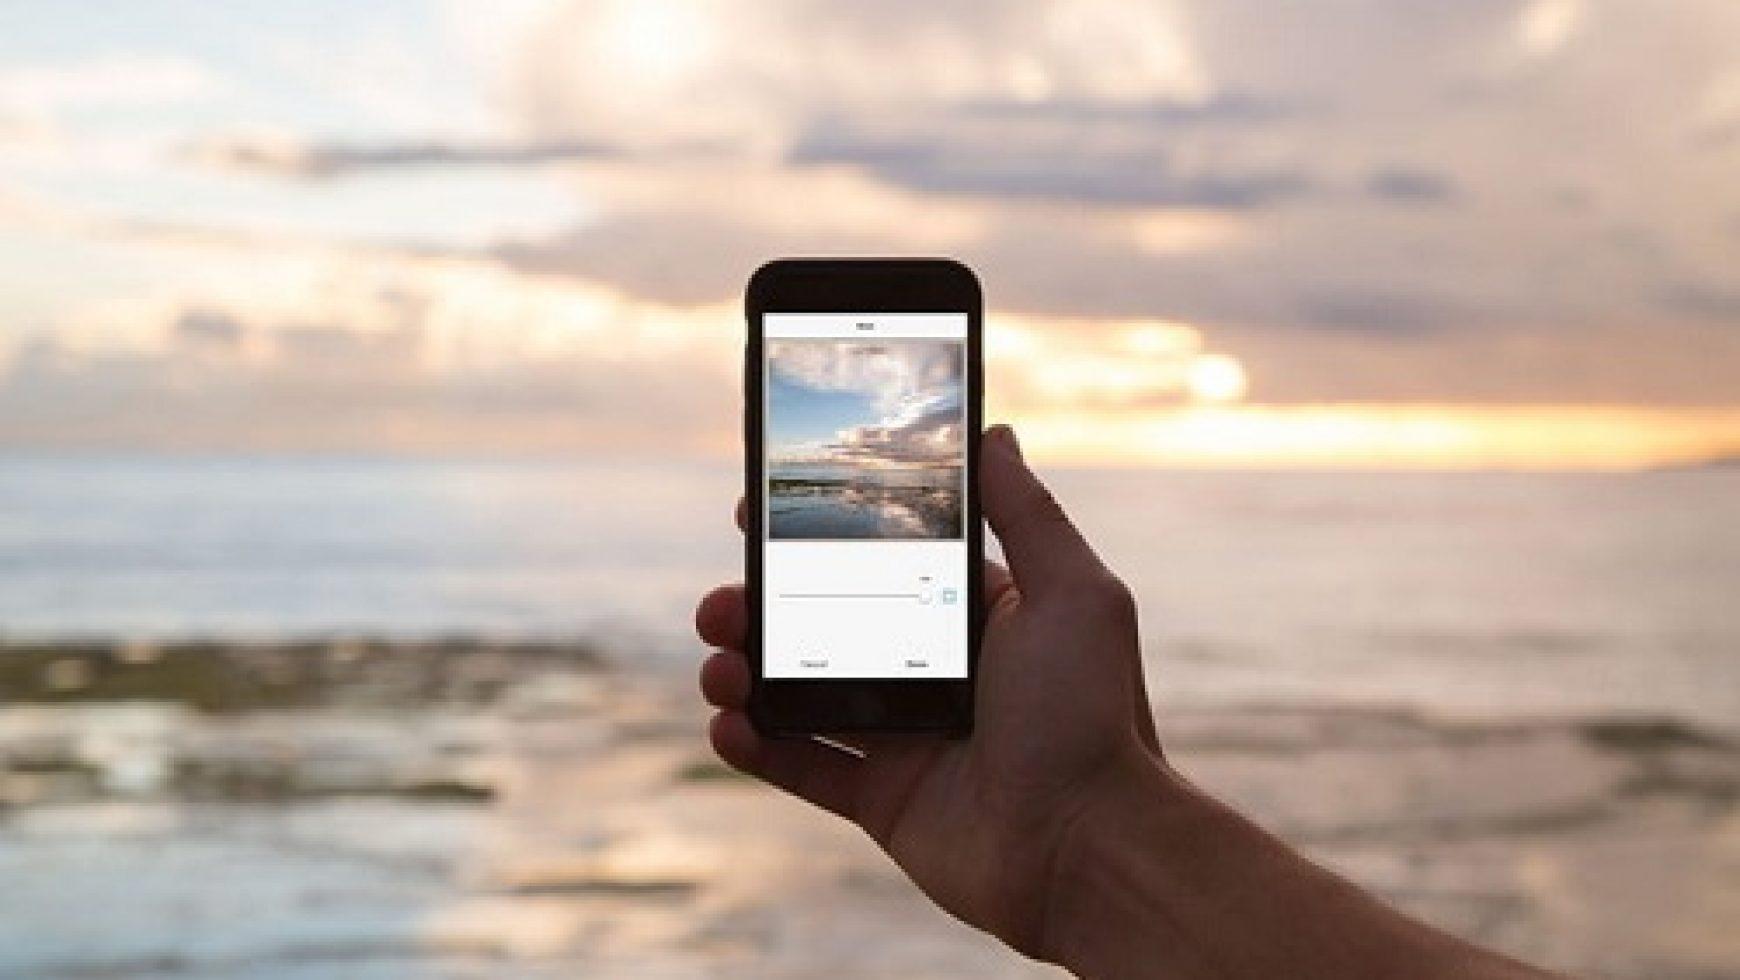 Cómo elegir las mejores imágenes para tus publicaciones